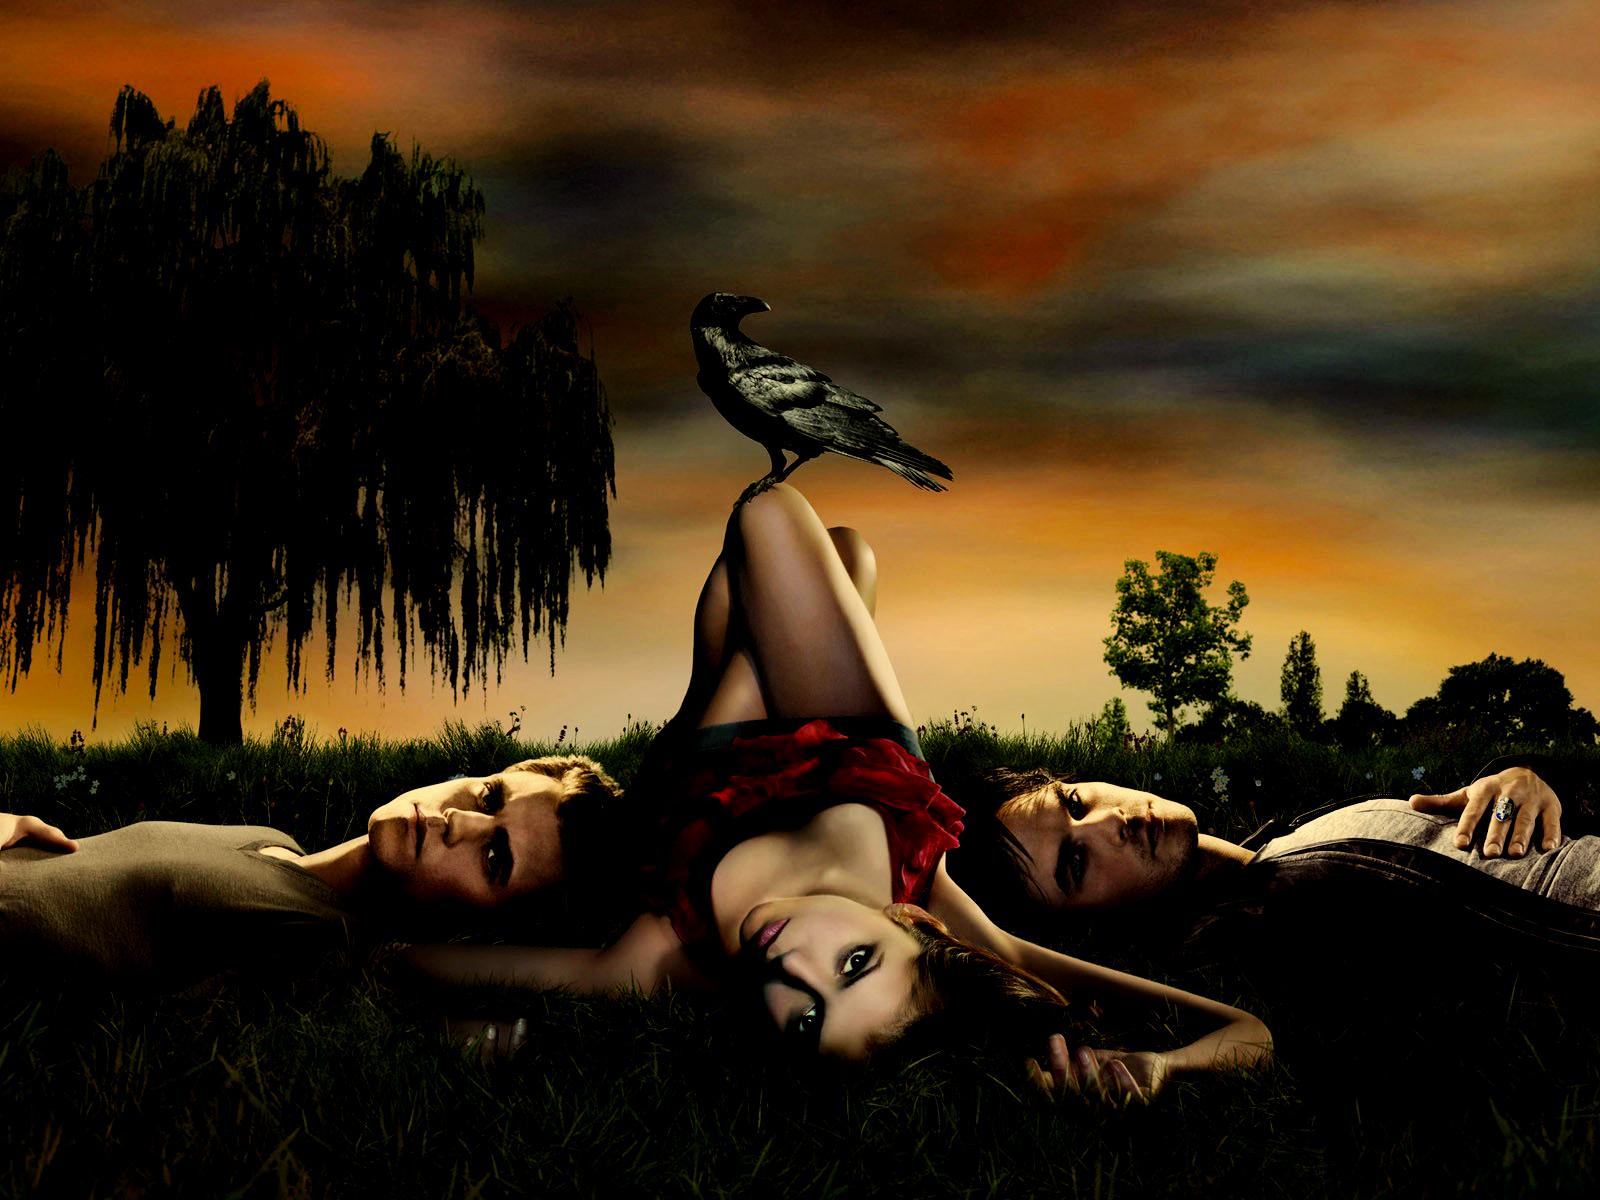 Fantasy Art Vampires Wallpapers Hd Desktop And Mobile: Vampire Diaries Characters HD Wallpapers